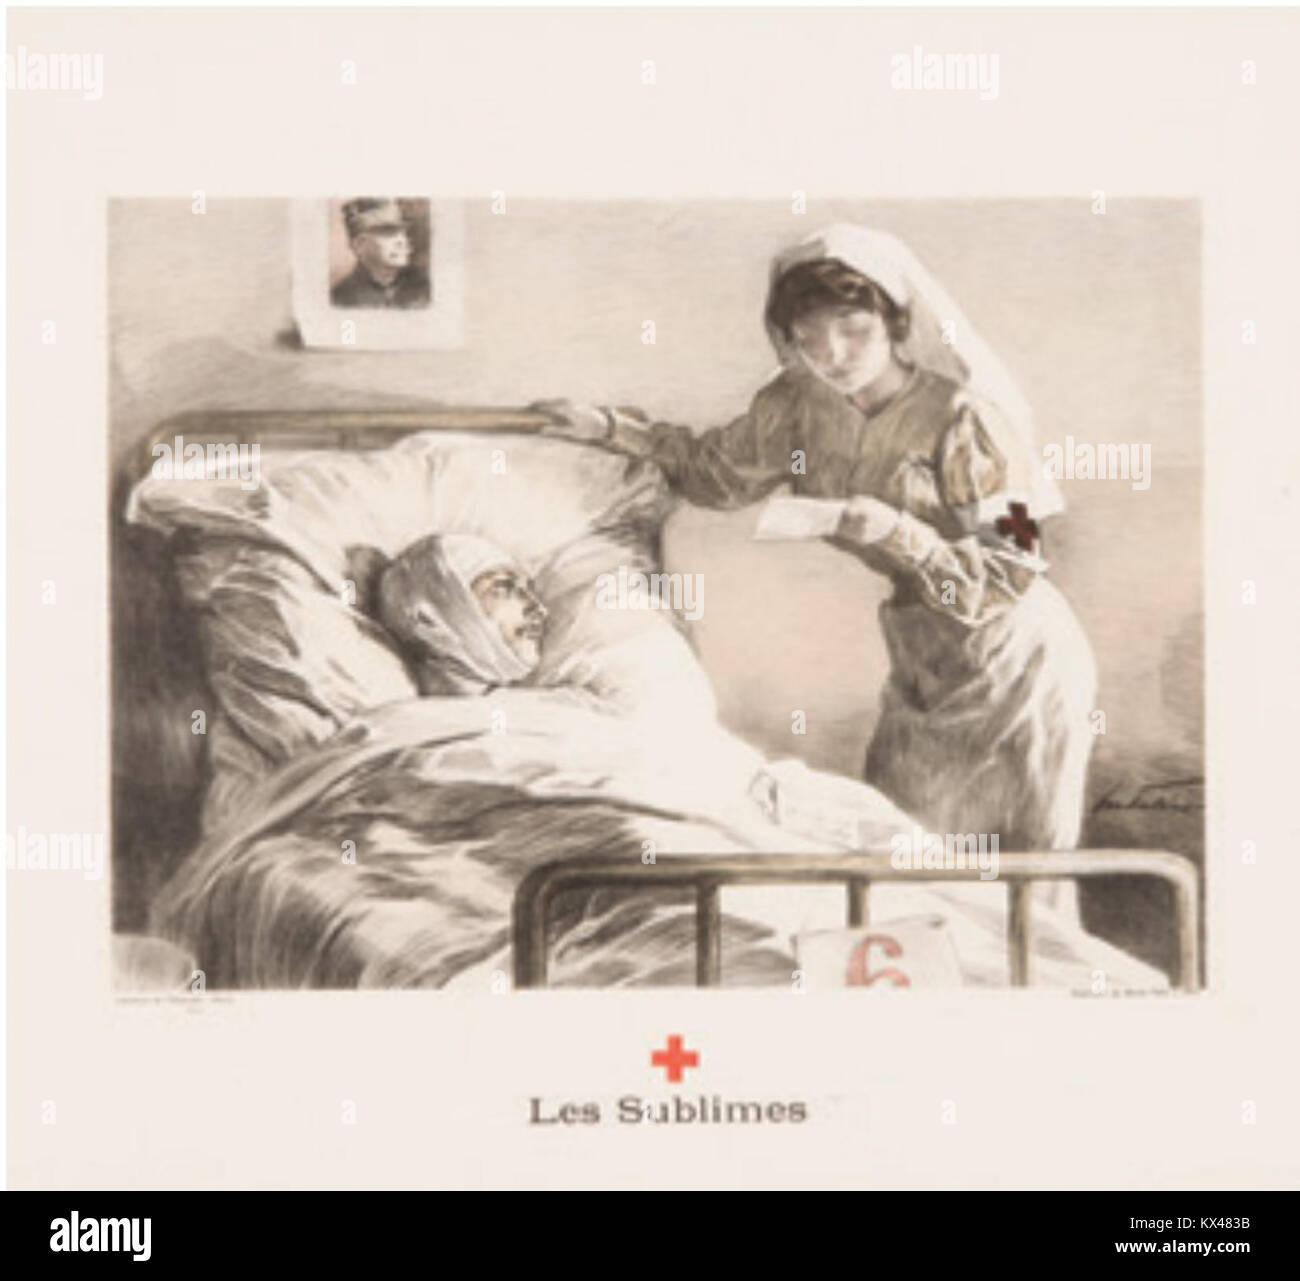 Dibujo Les Sublimes (Exalt Them) - Stock Image